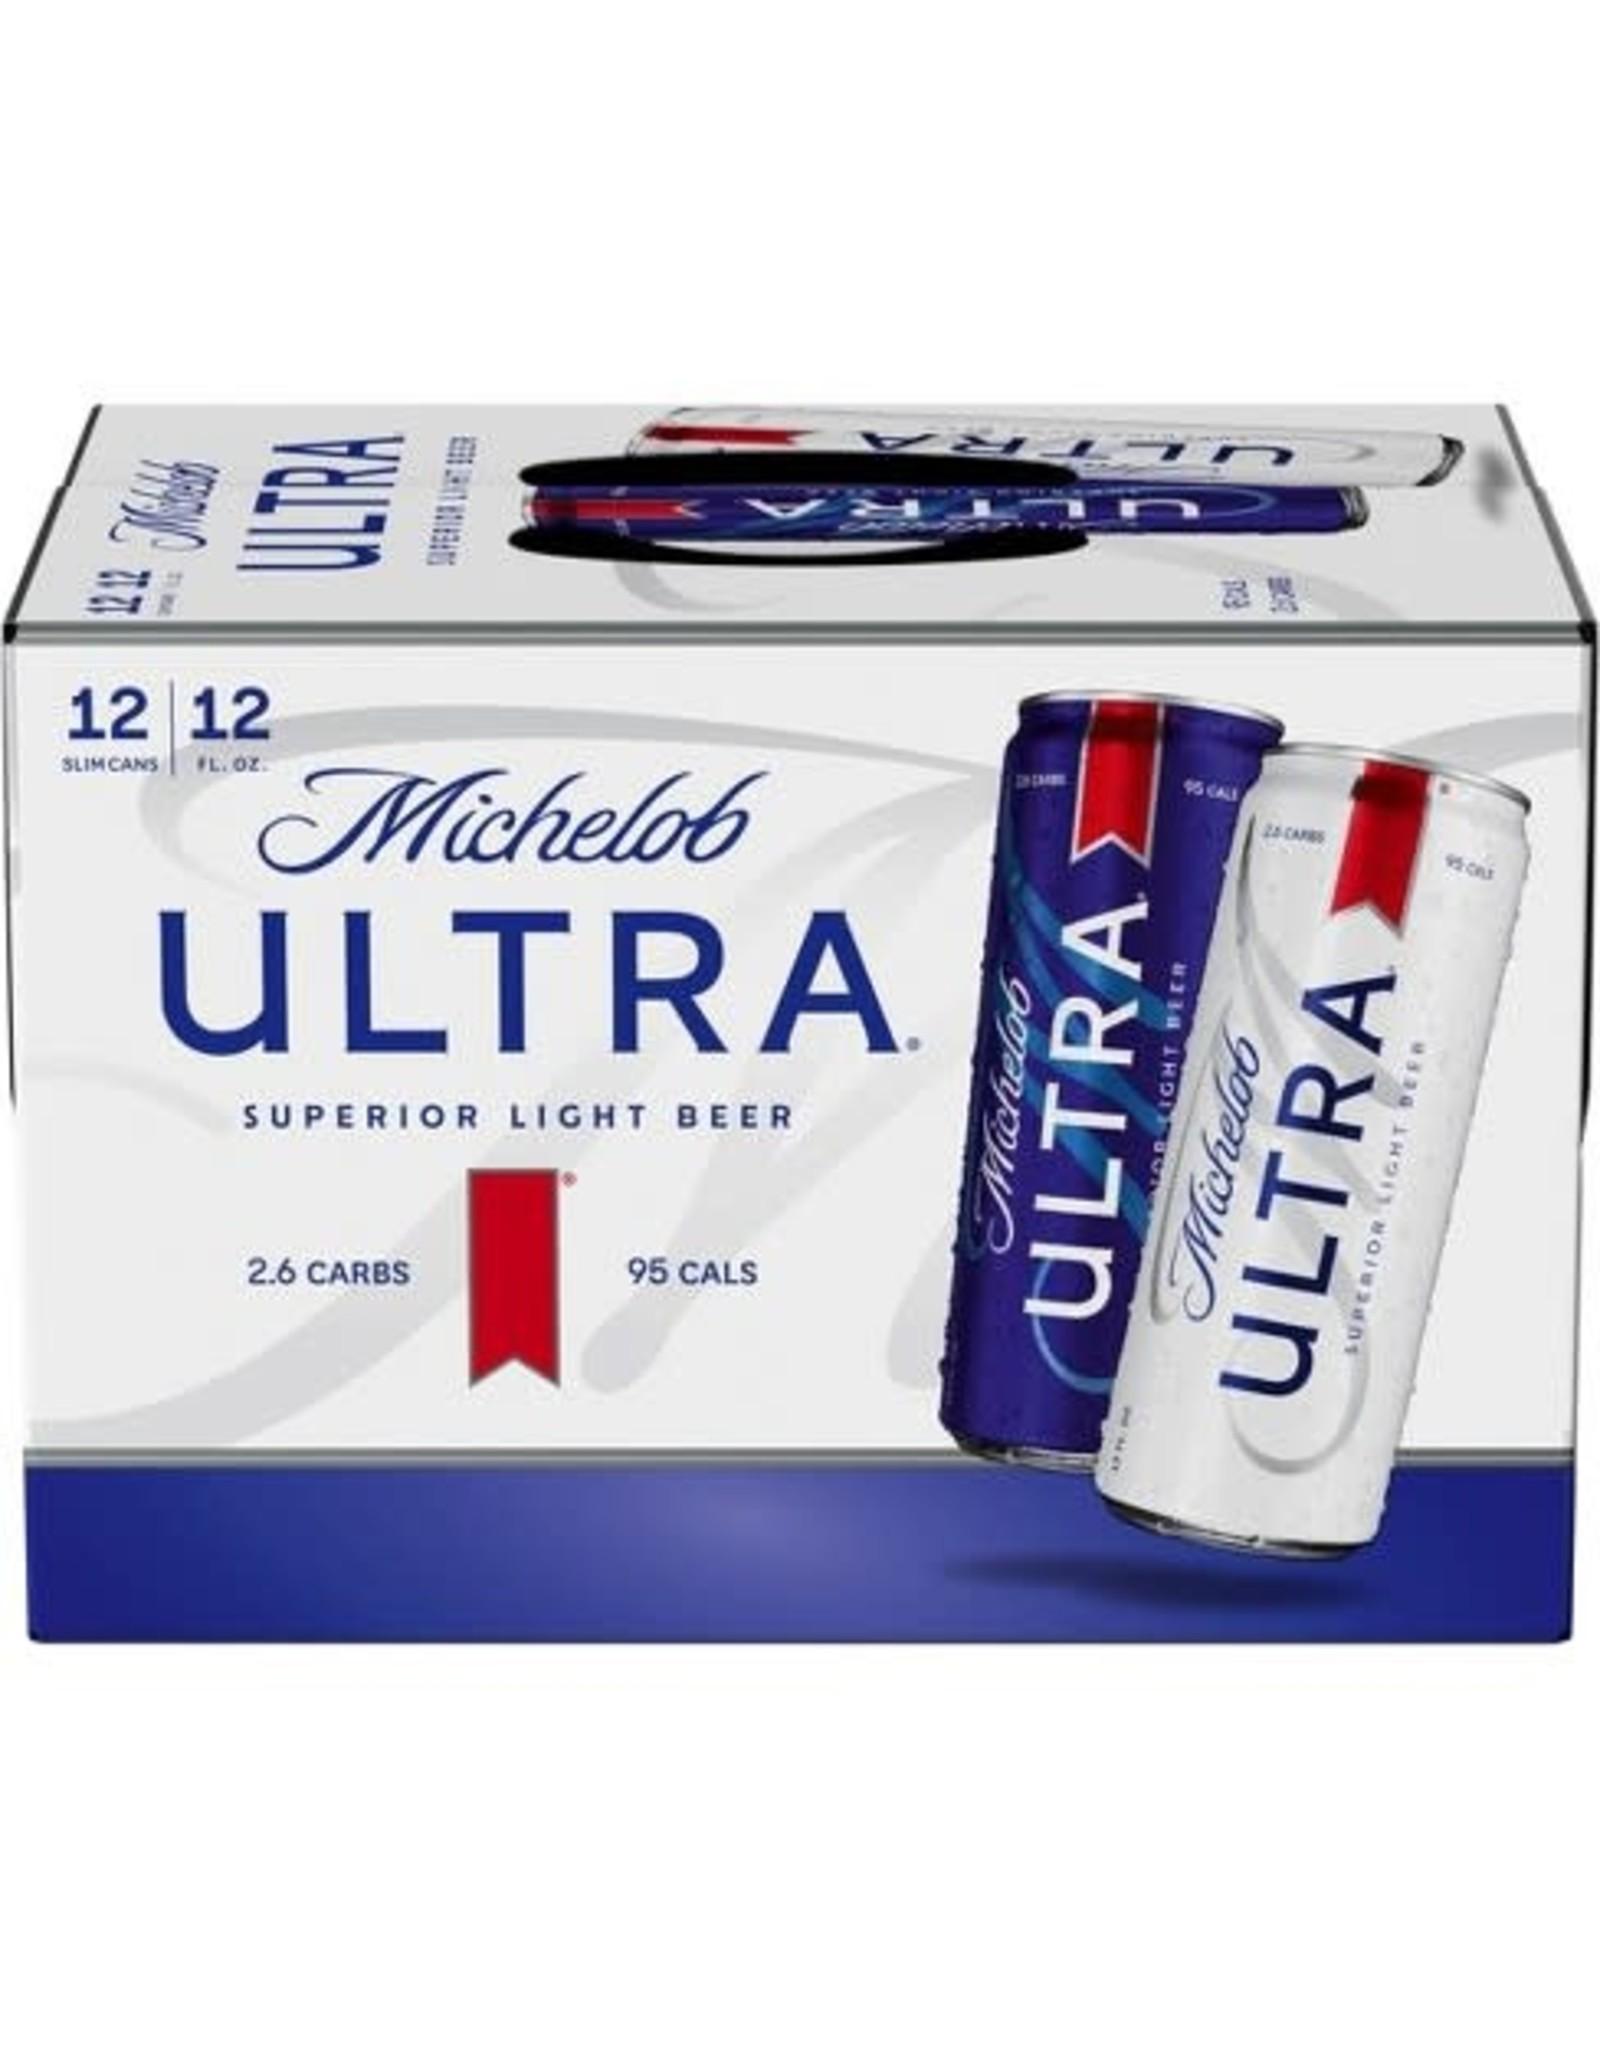 Michelob Ultra 2-12-12 Cn